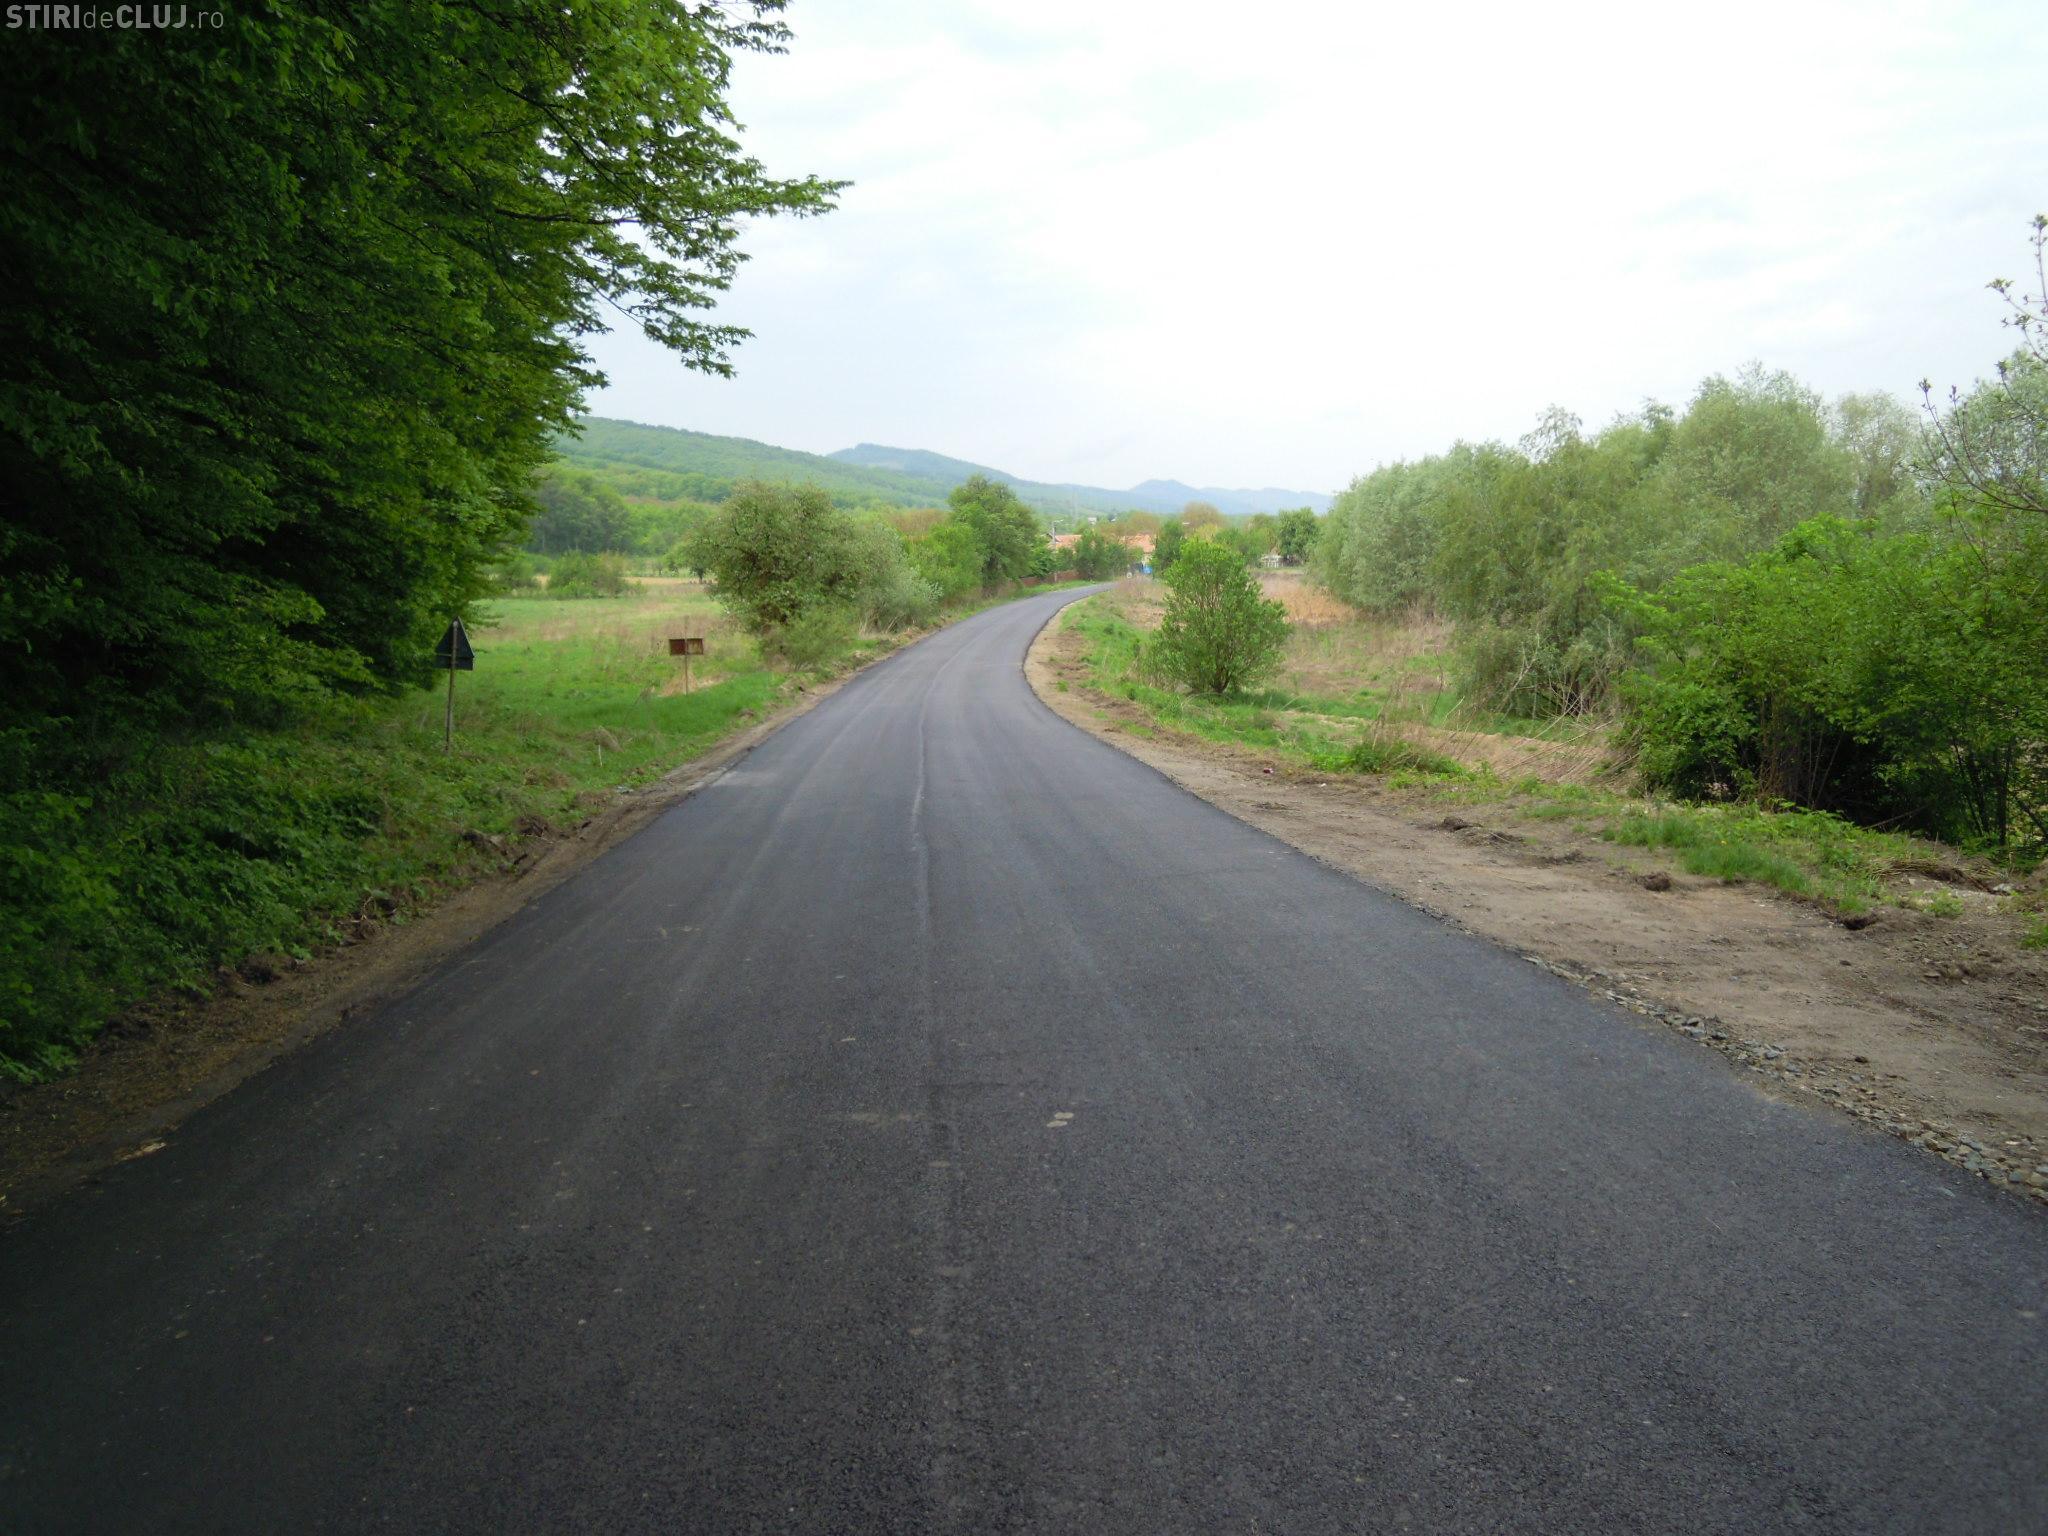 Cluj: Finalizare lucrările pe drumul judeţean DJ 109E Viile Dejului - Cetan - Vad